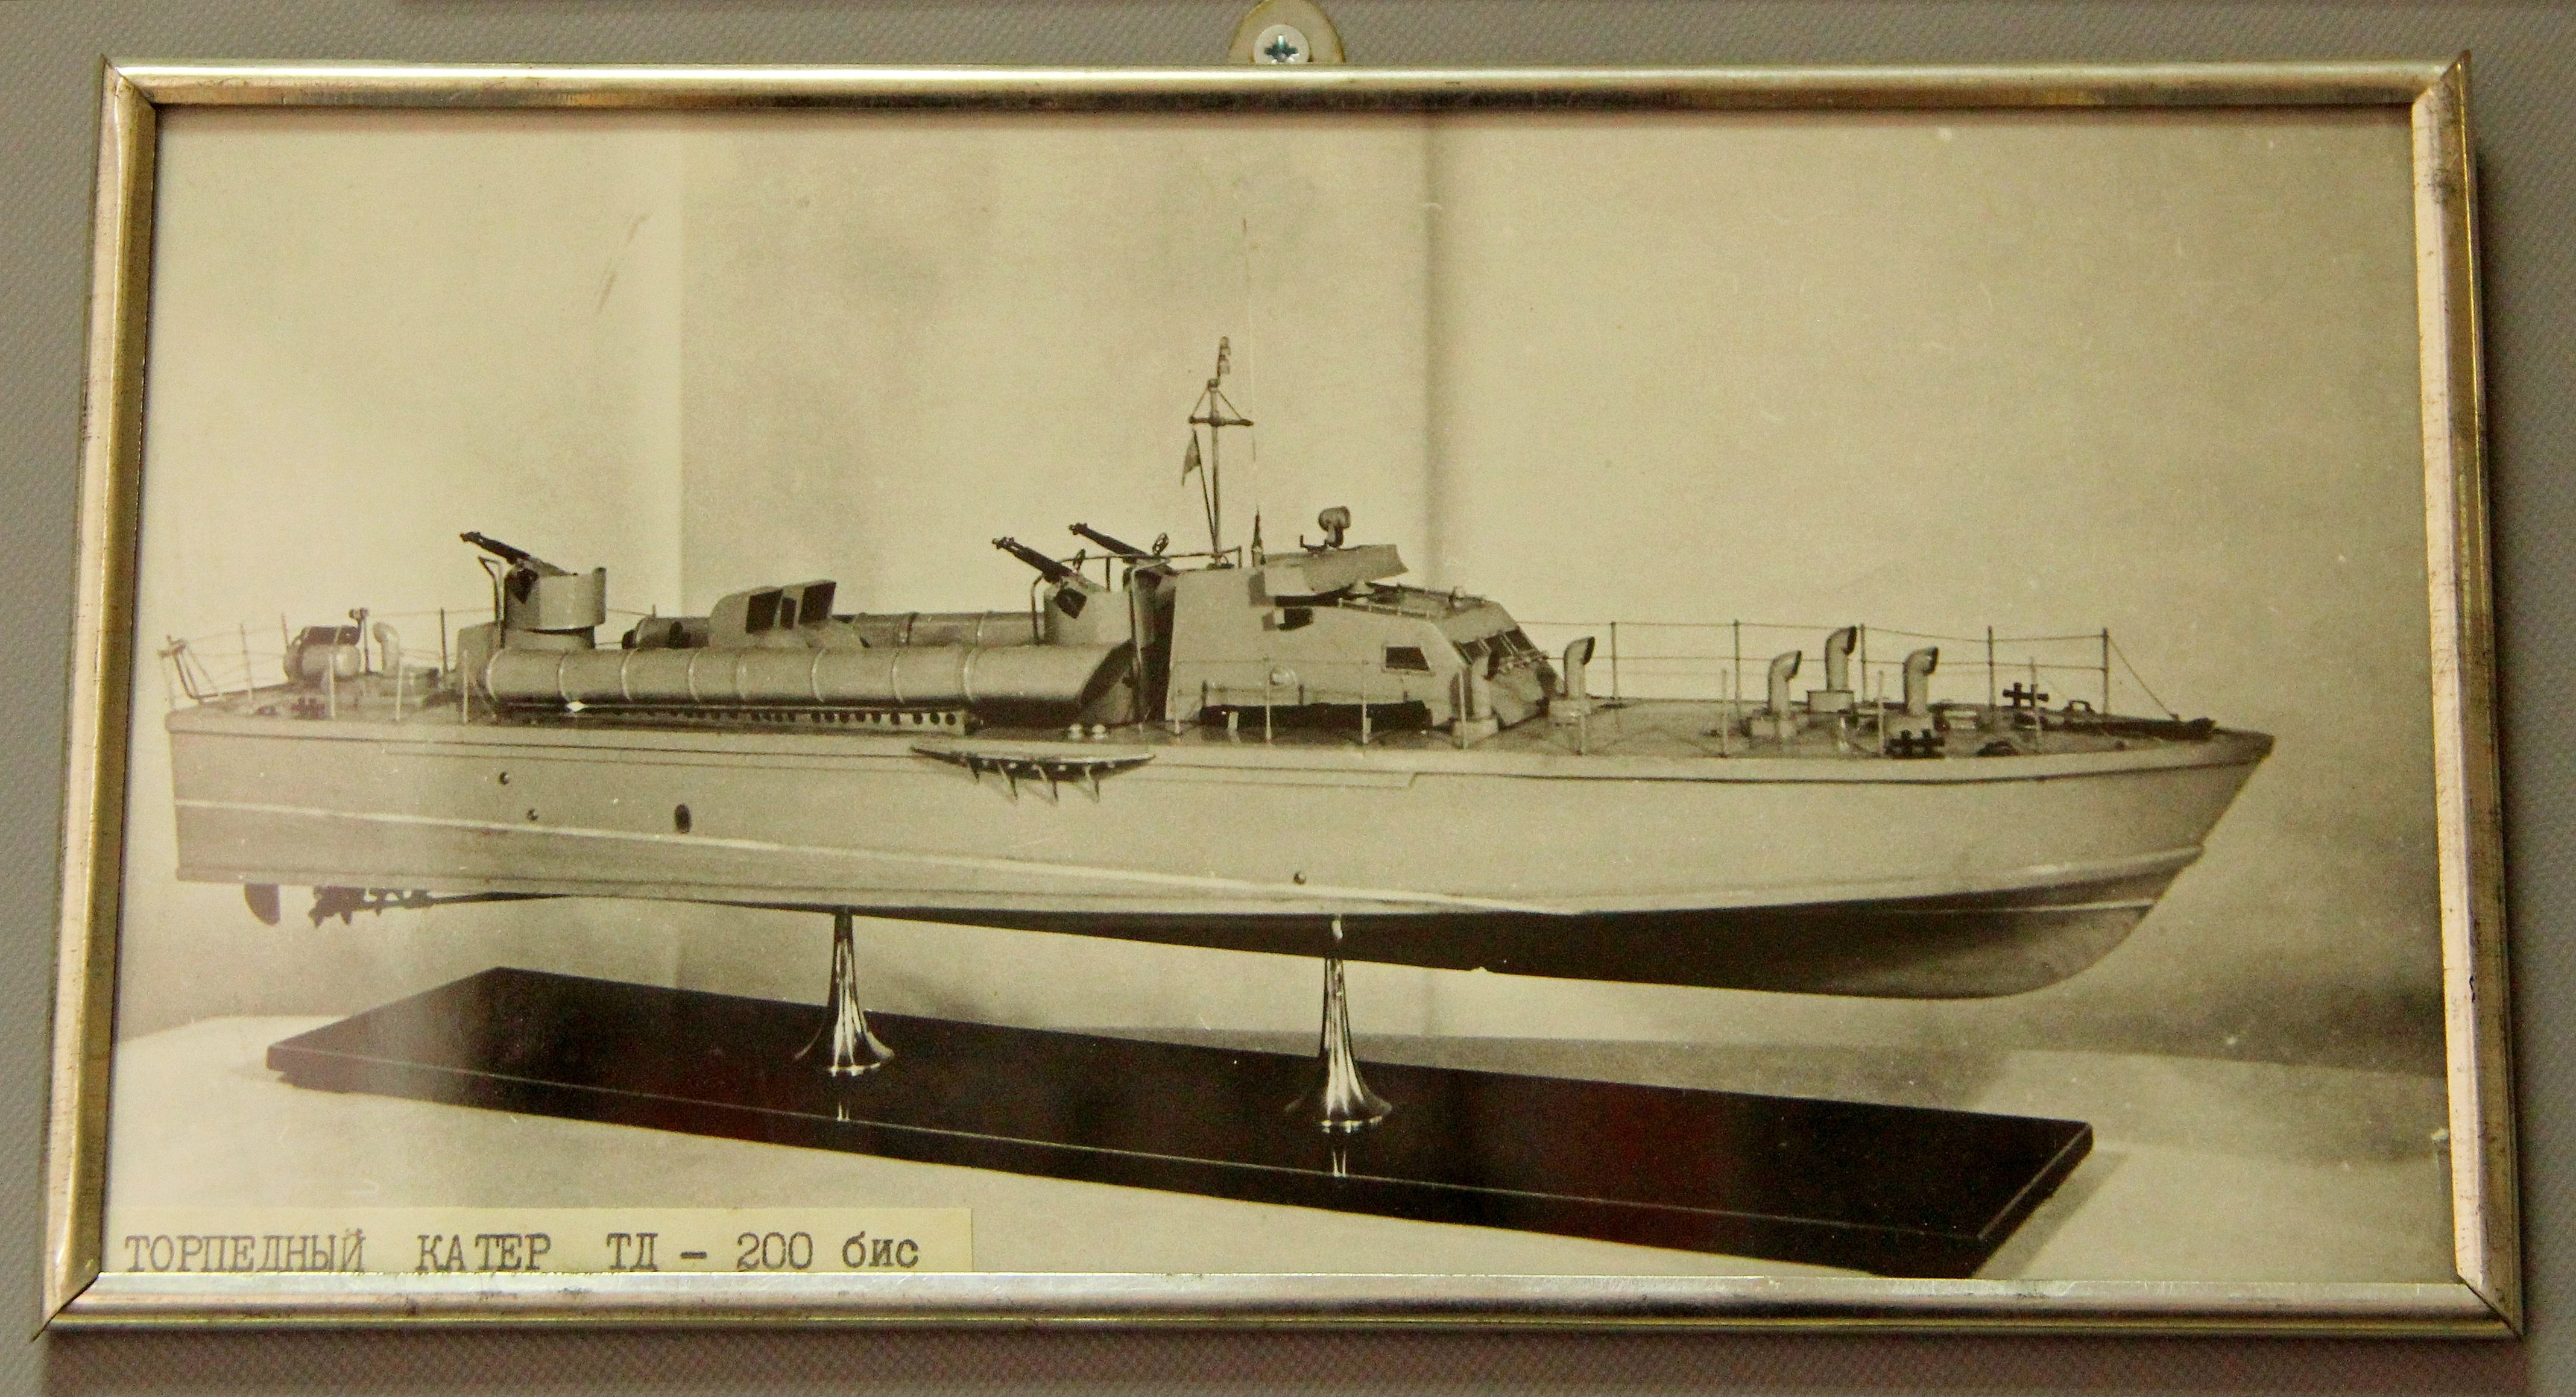 ТД-200 — первые послевоенные торпедные катера